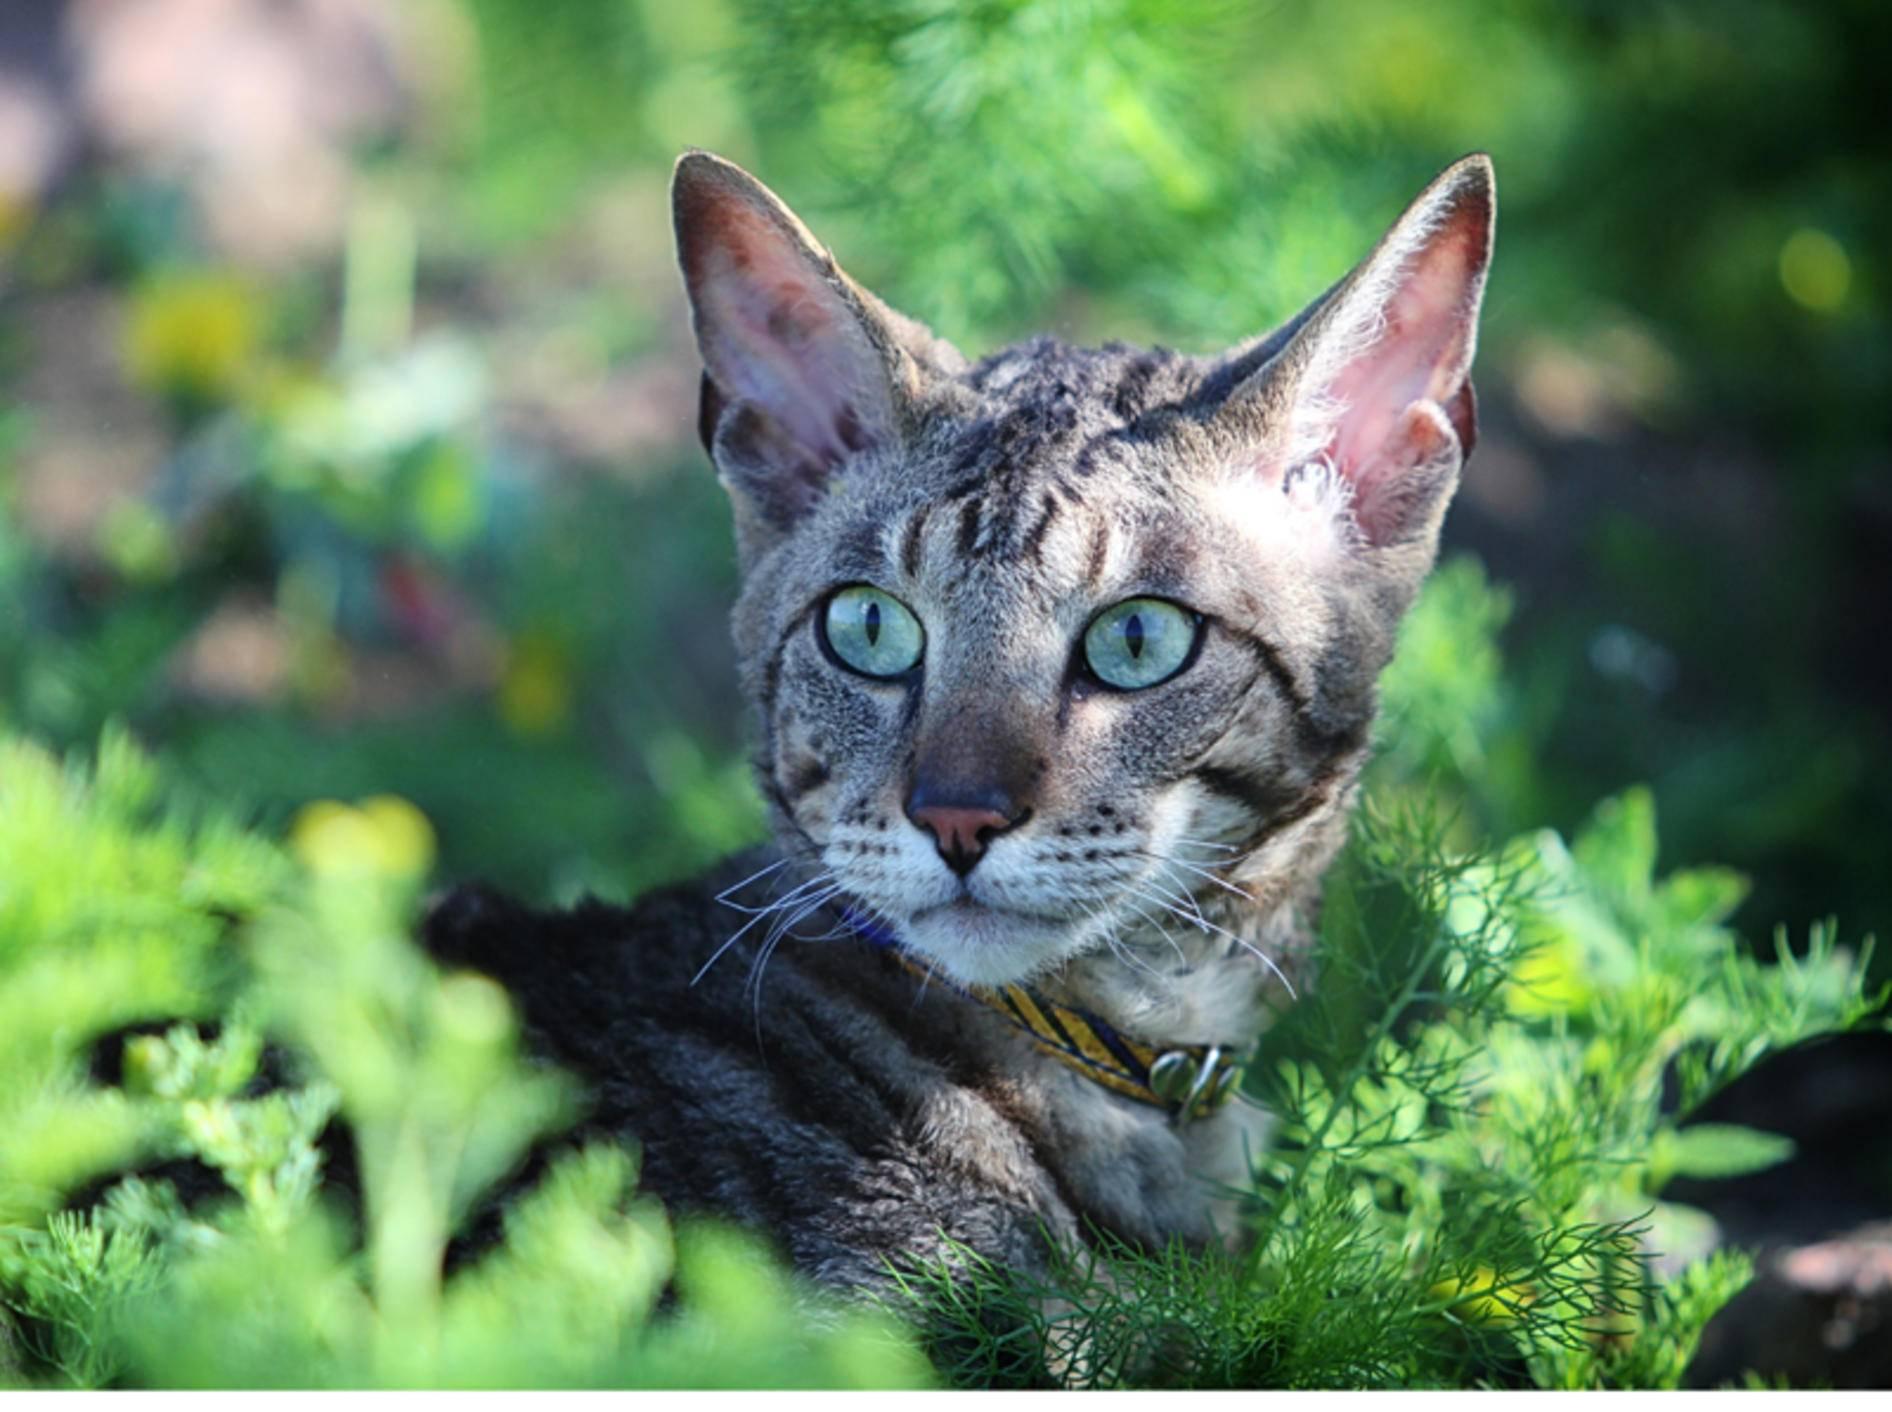 Pflanzen sind meist harmlos – doch einige können für Katzen auch gefährlich werden - Bilder: Shutterstock / DragoNika